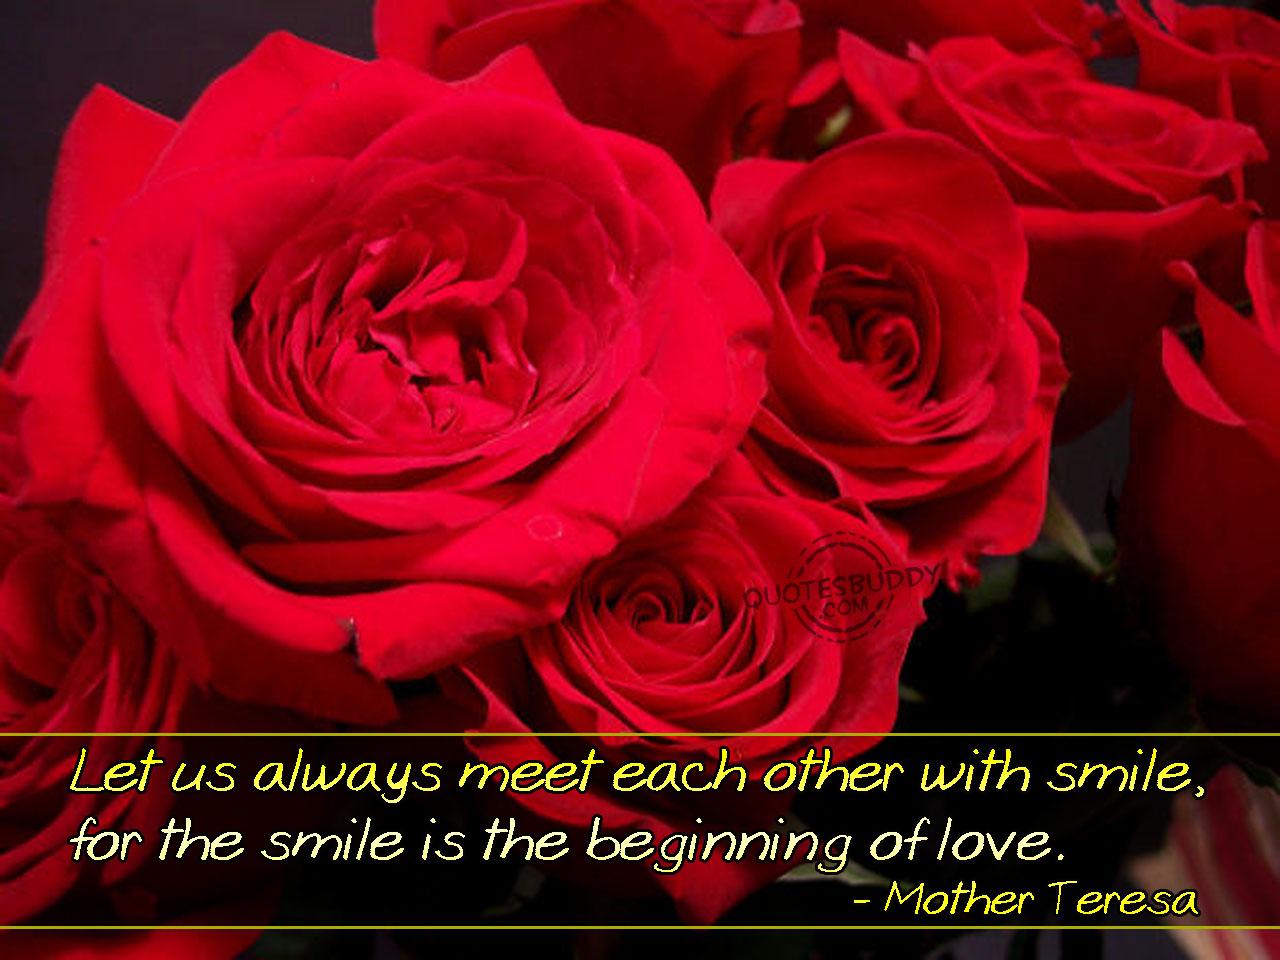 صور كلمات عن الحب , افضل الكلمات عن الحب